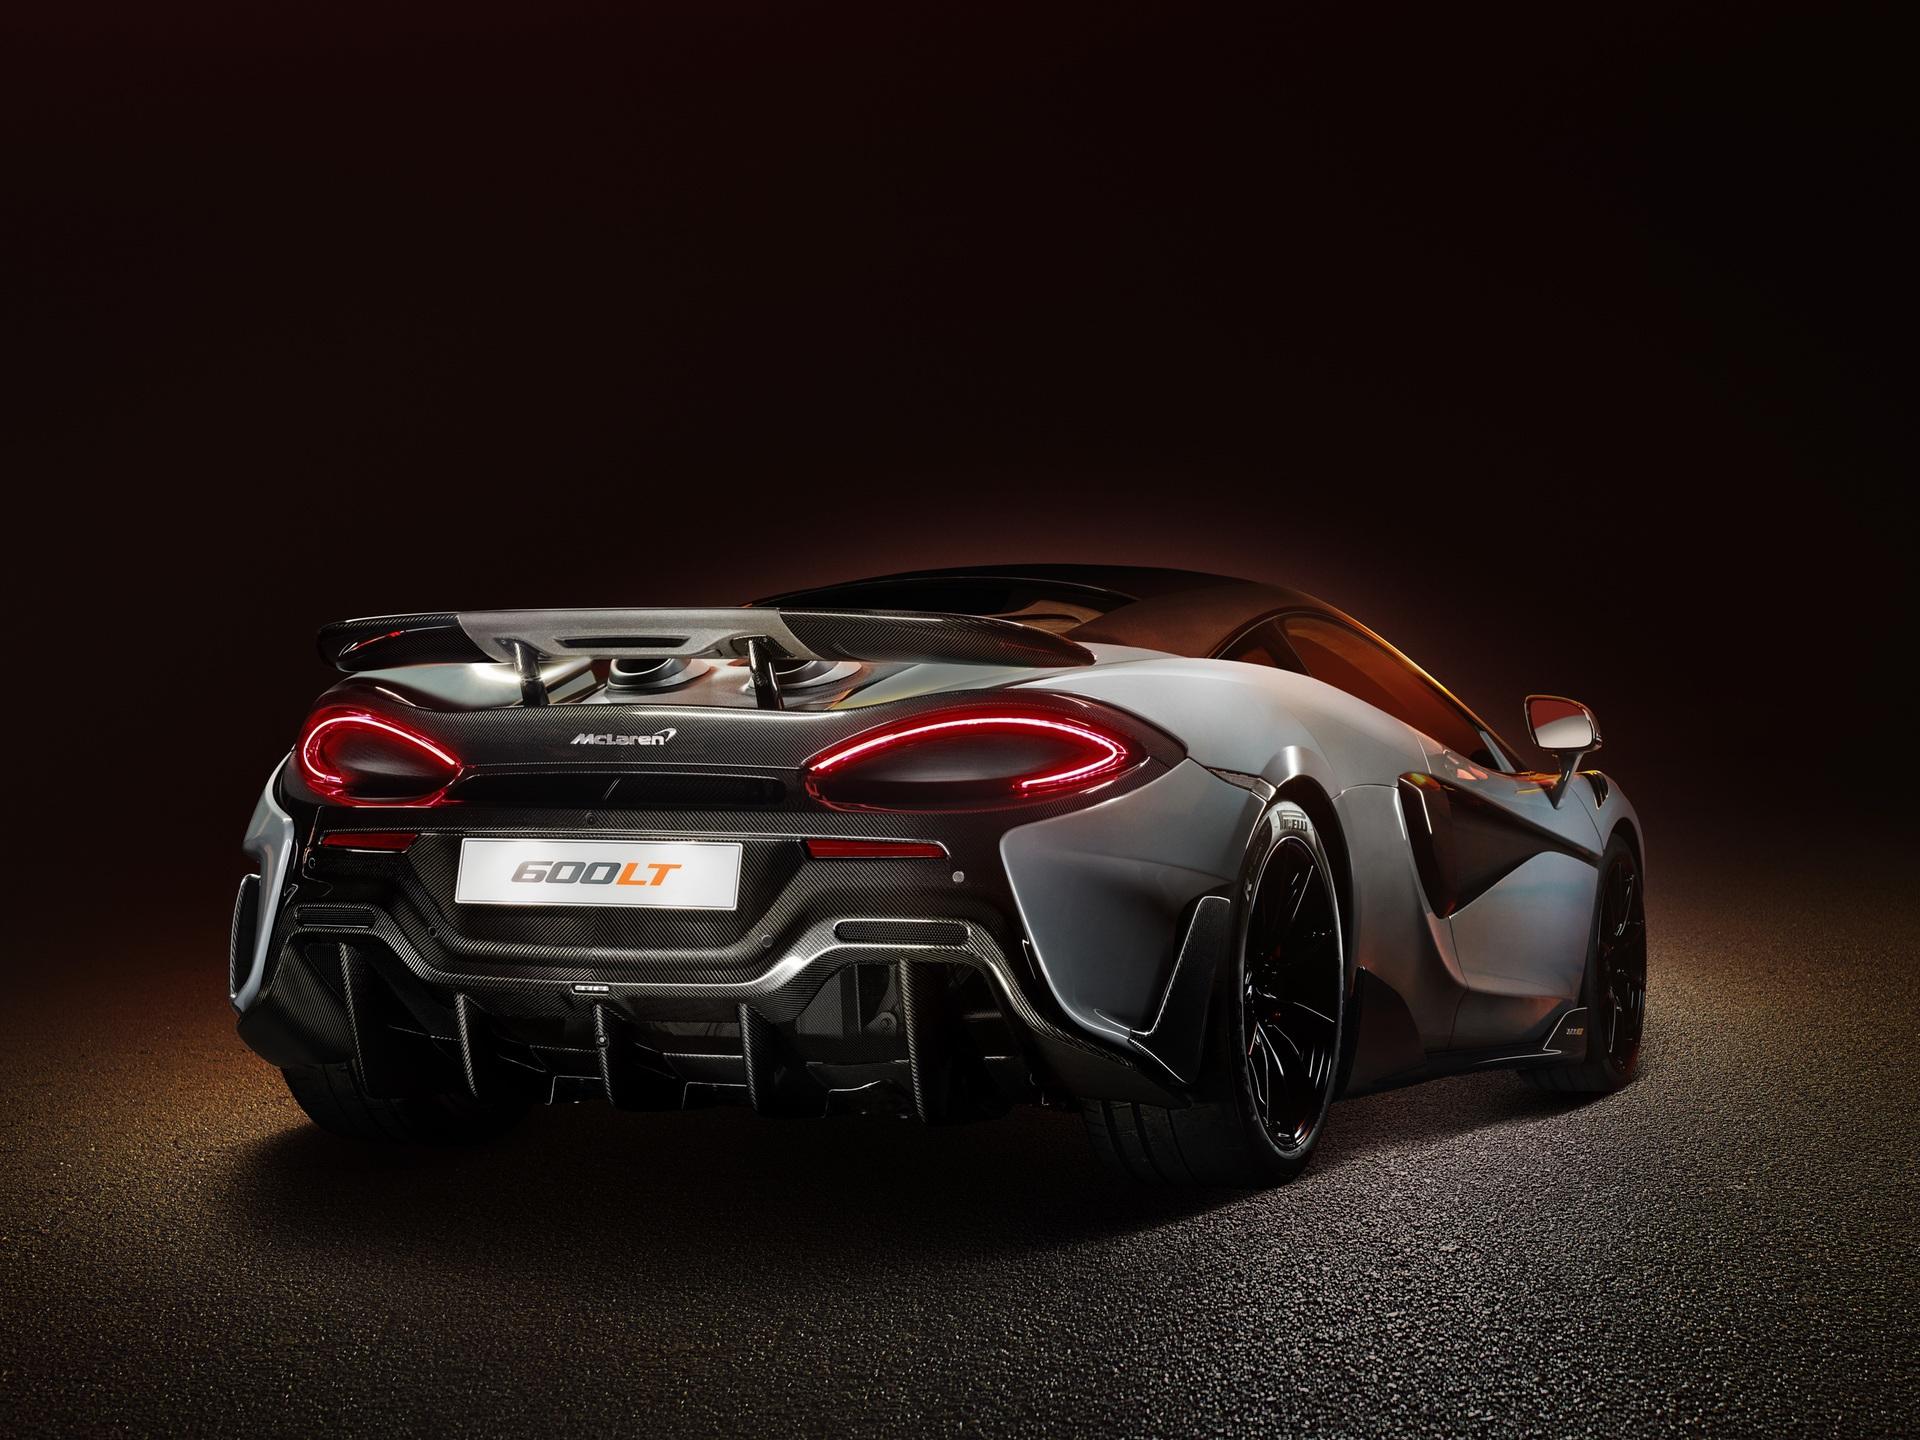 McLaren_600LT_0002